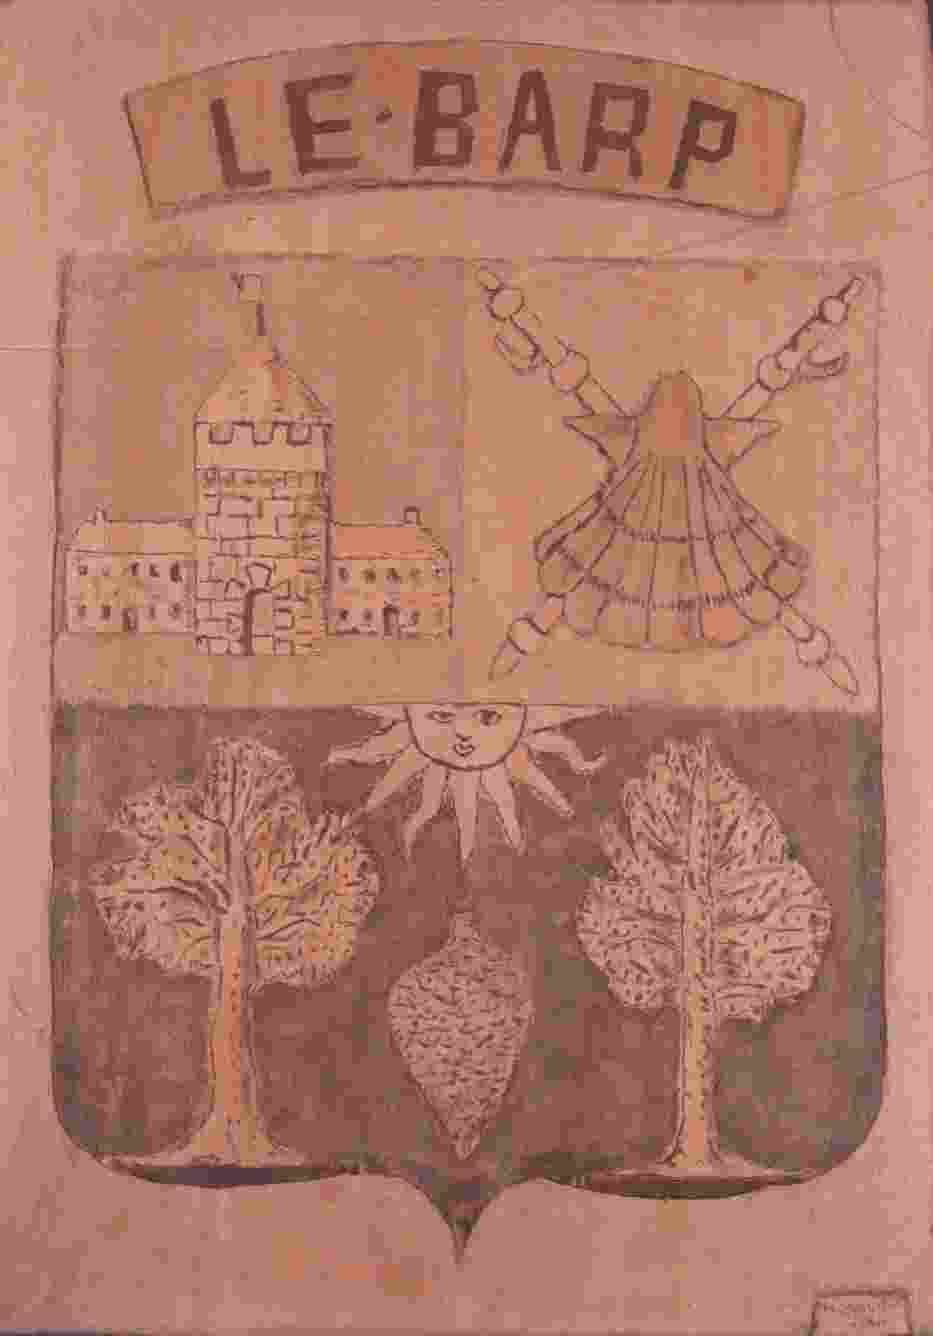 das Wappen von Le Barb rechts oben die Pilgerembleme